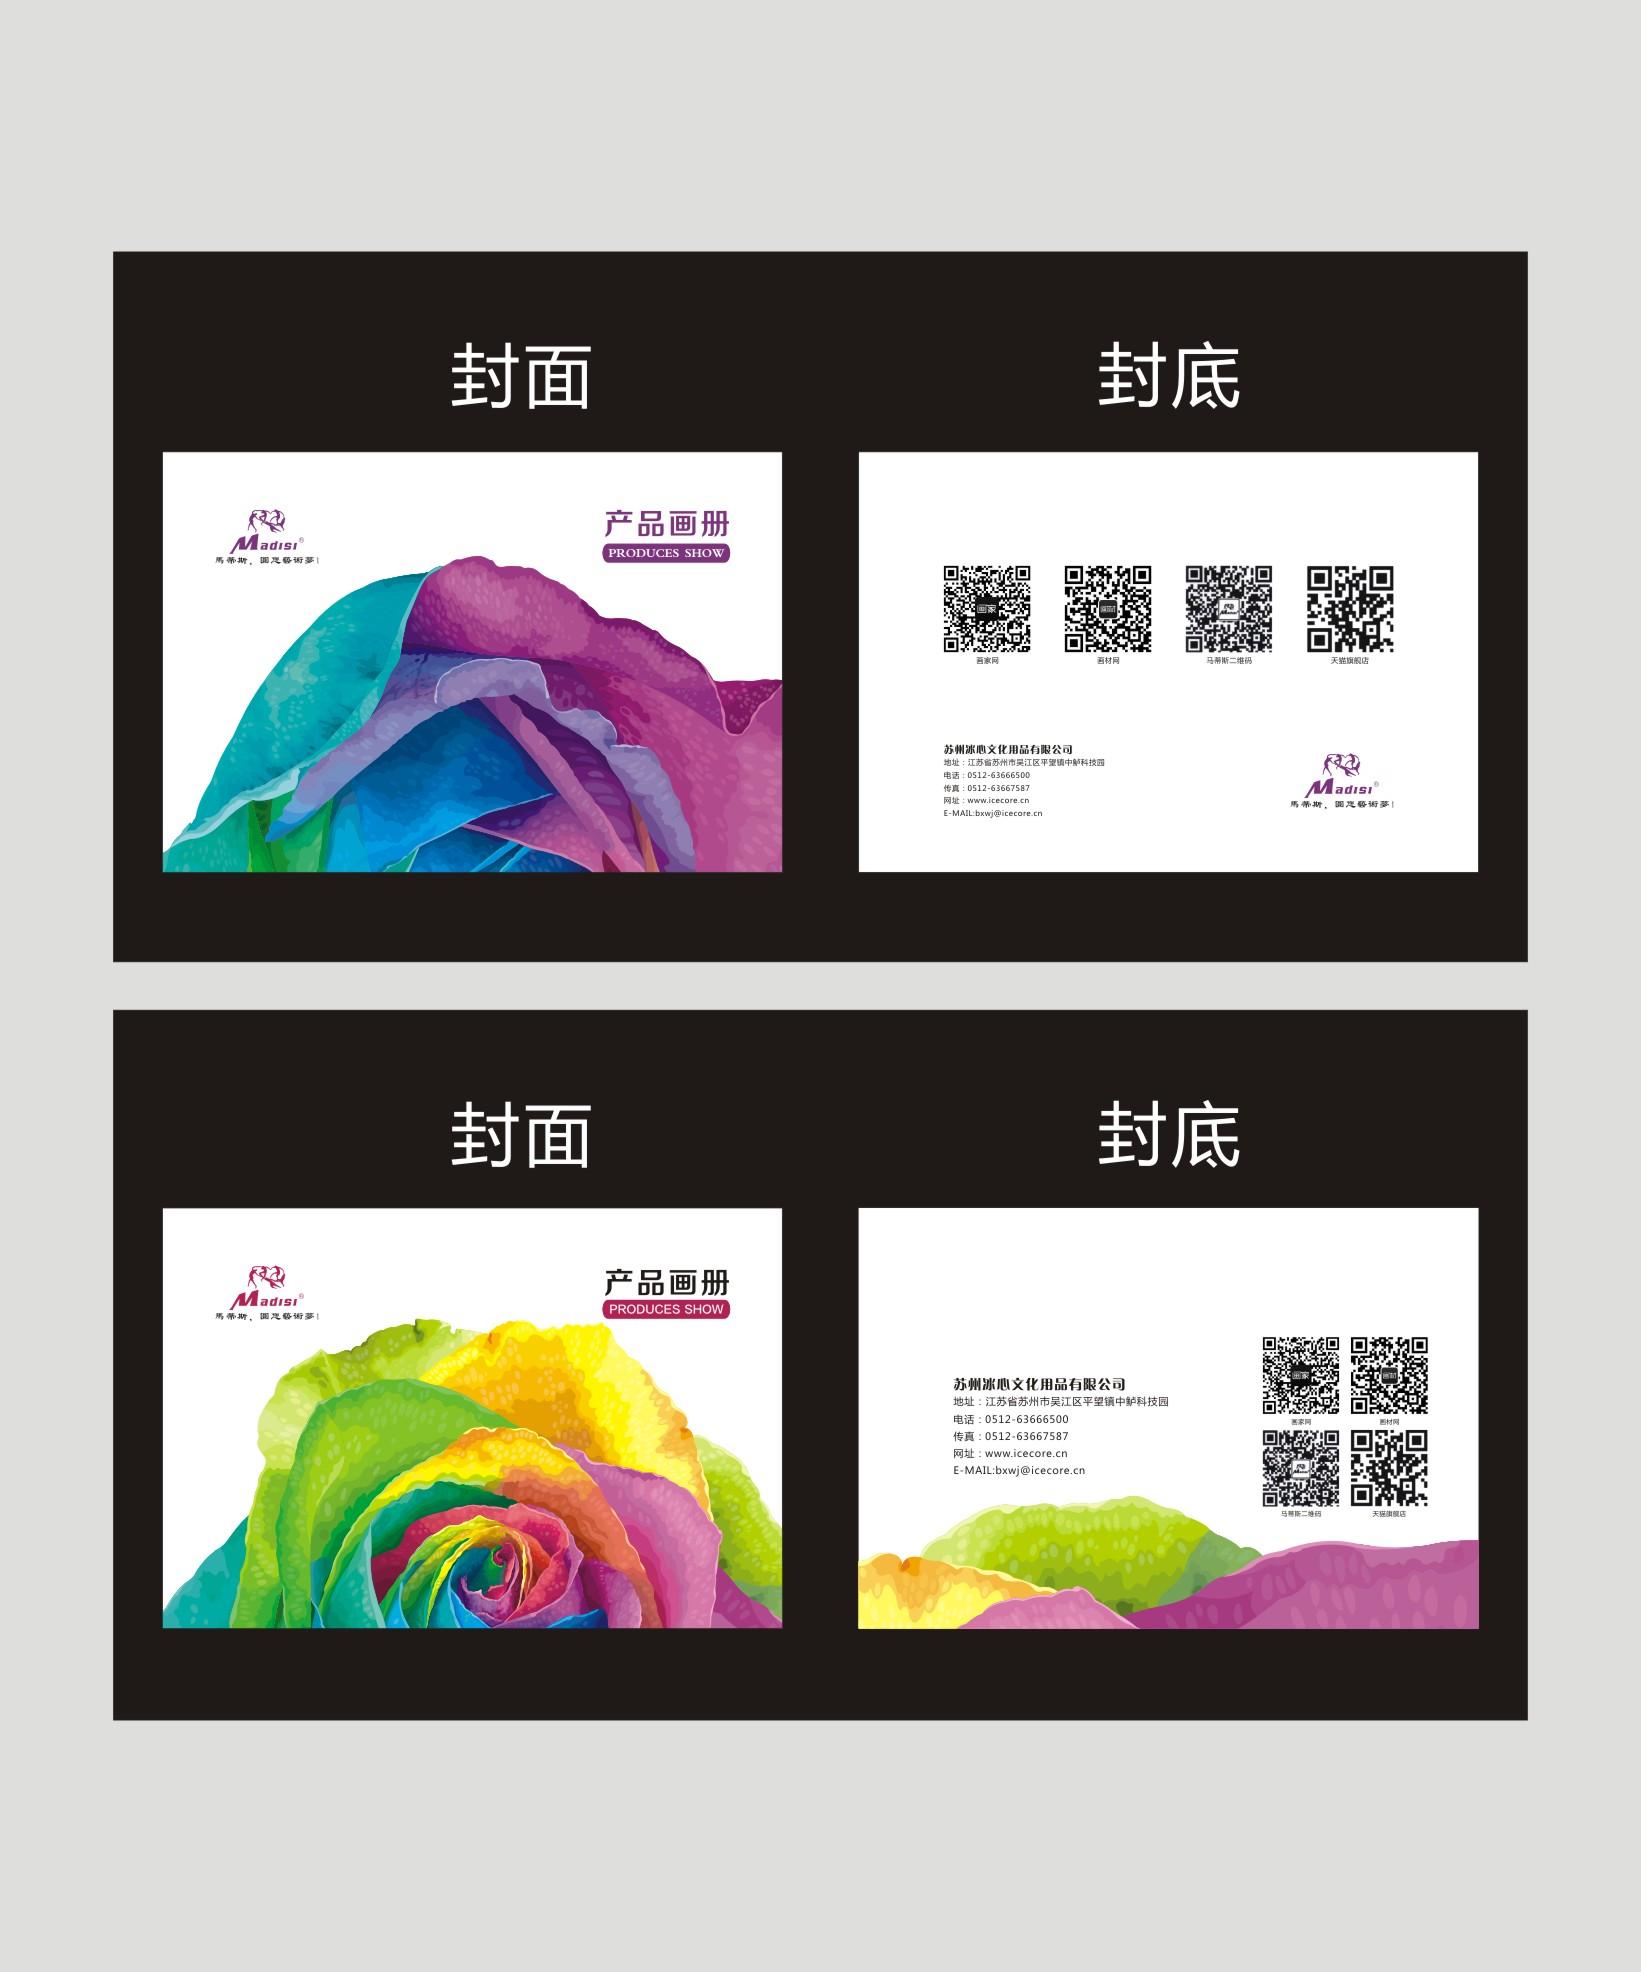 苏州冰心文化用品公司宣传册封面设计23号结束_2938200_k68威客网